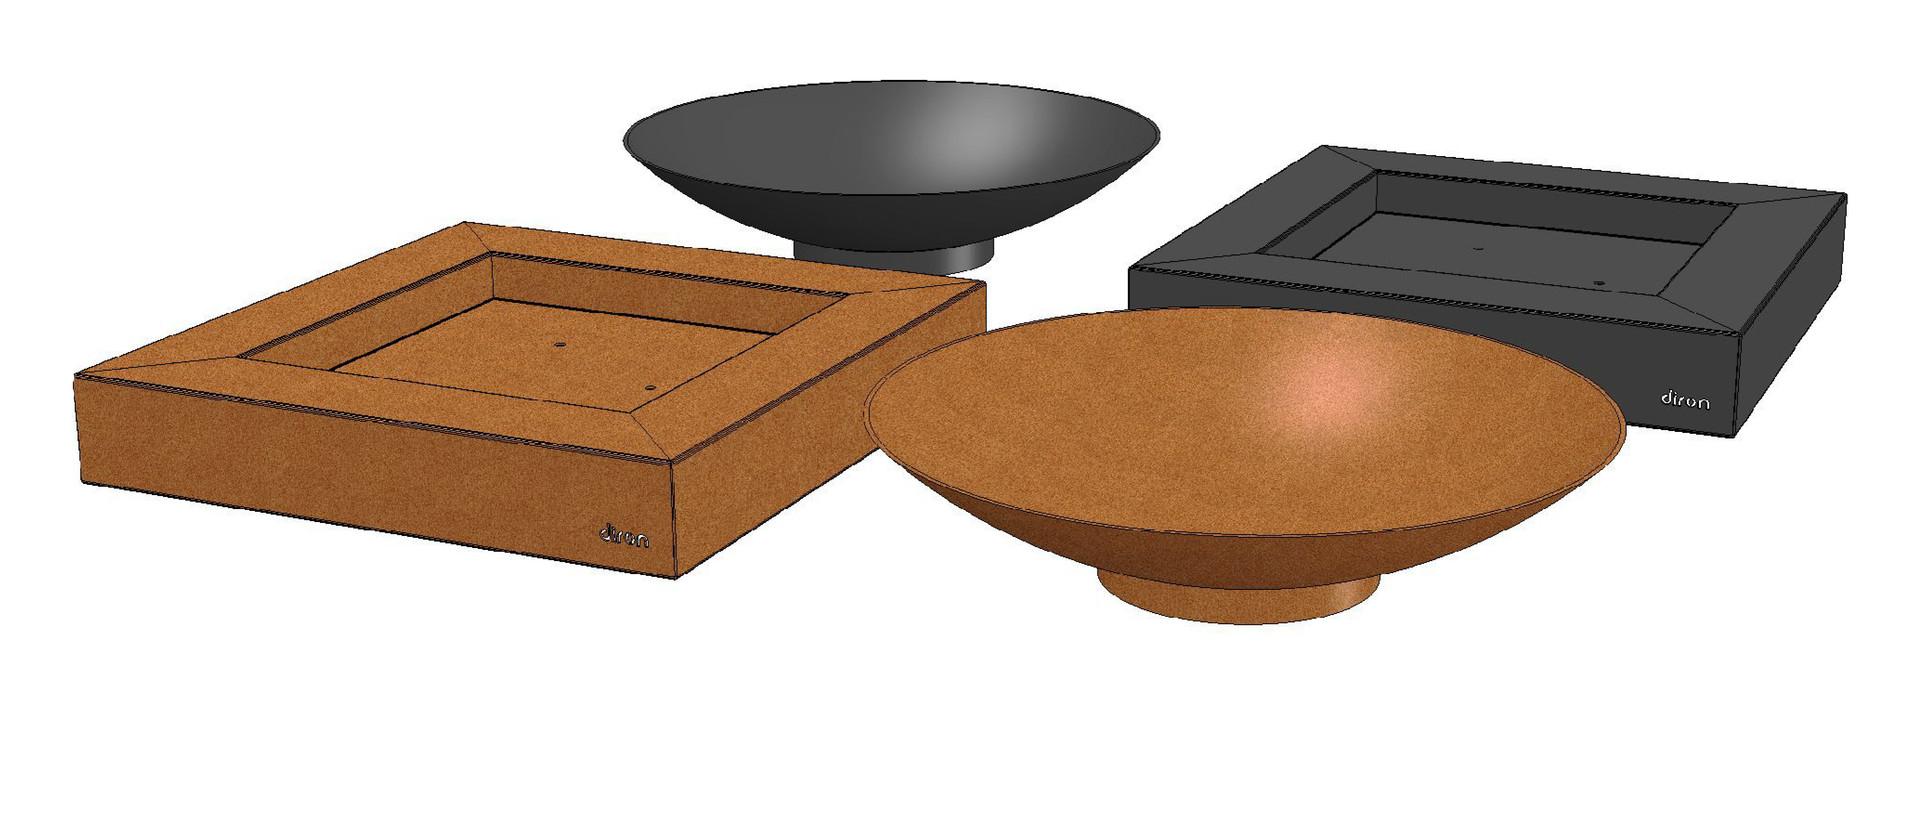 Vuurschaal corten staal diron tuinstaal - Cortenstaal fabrikant ...